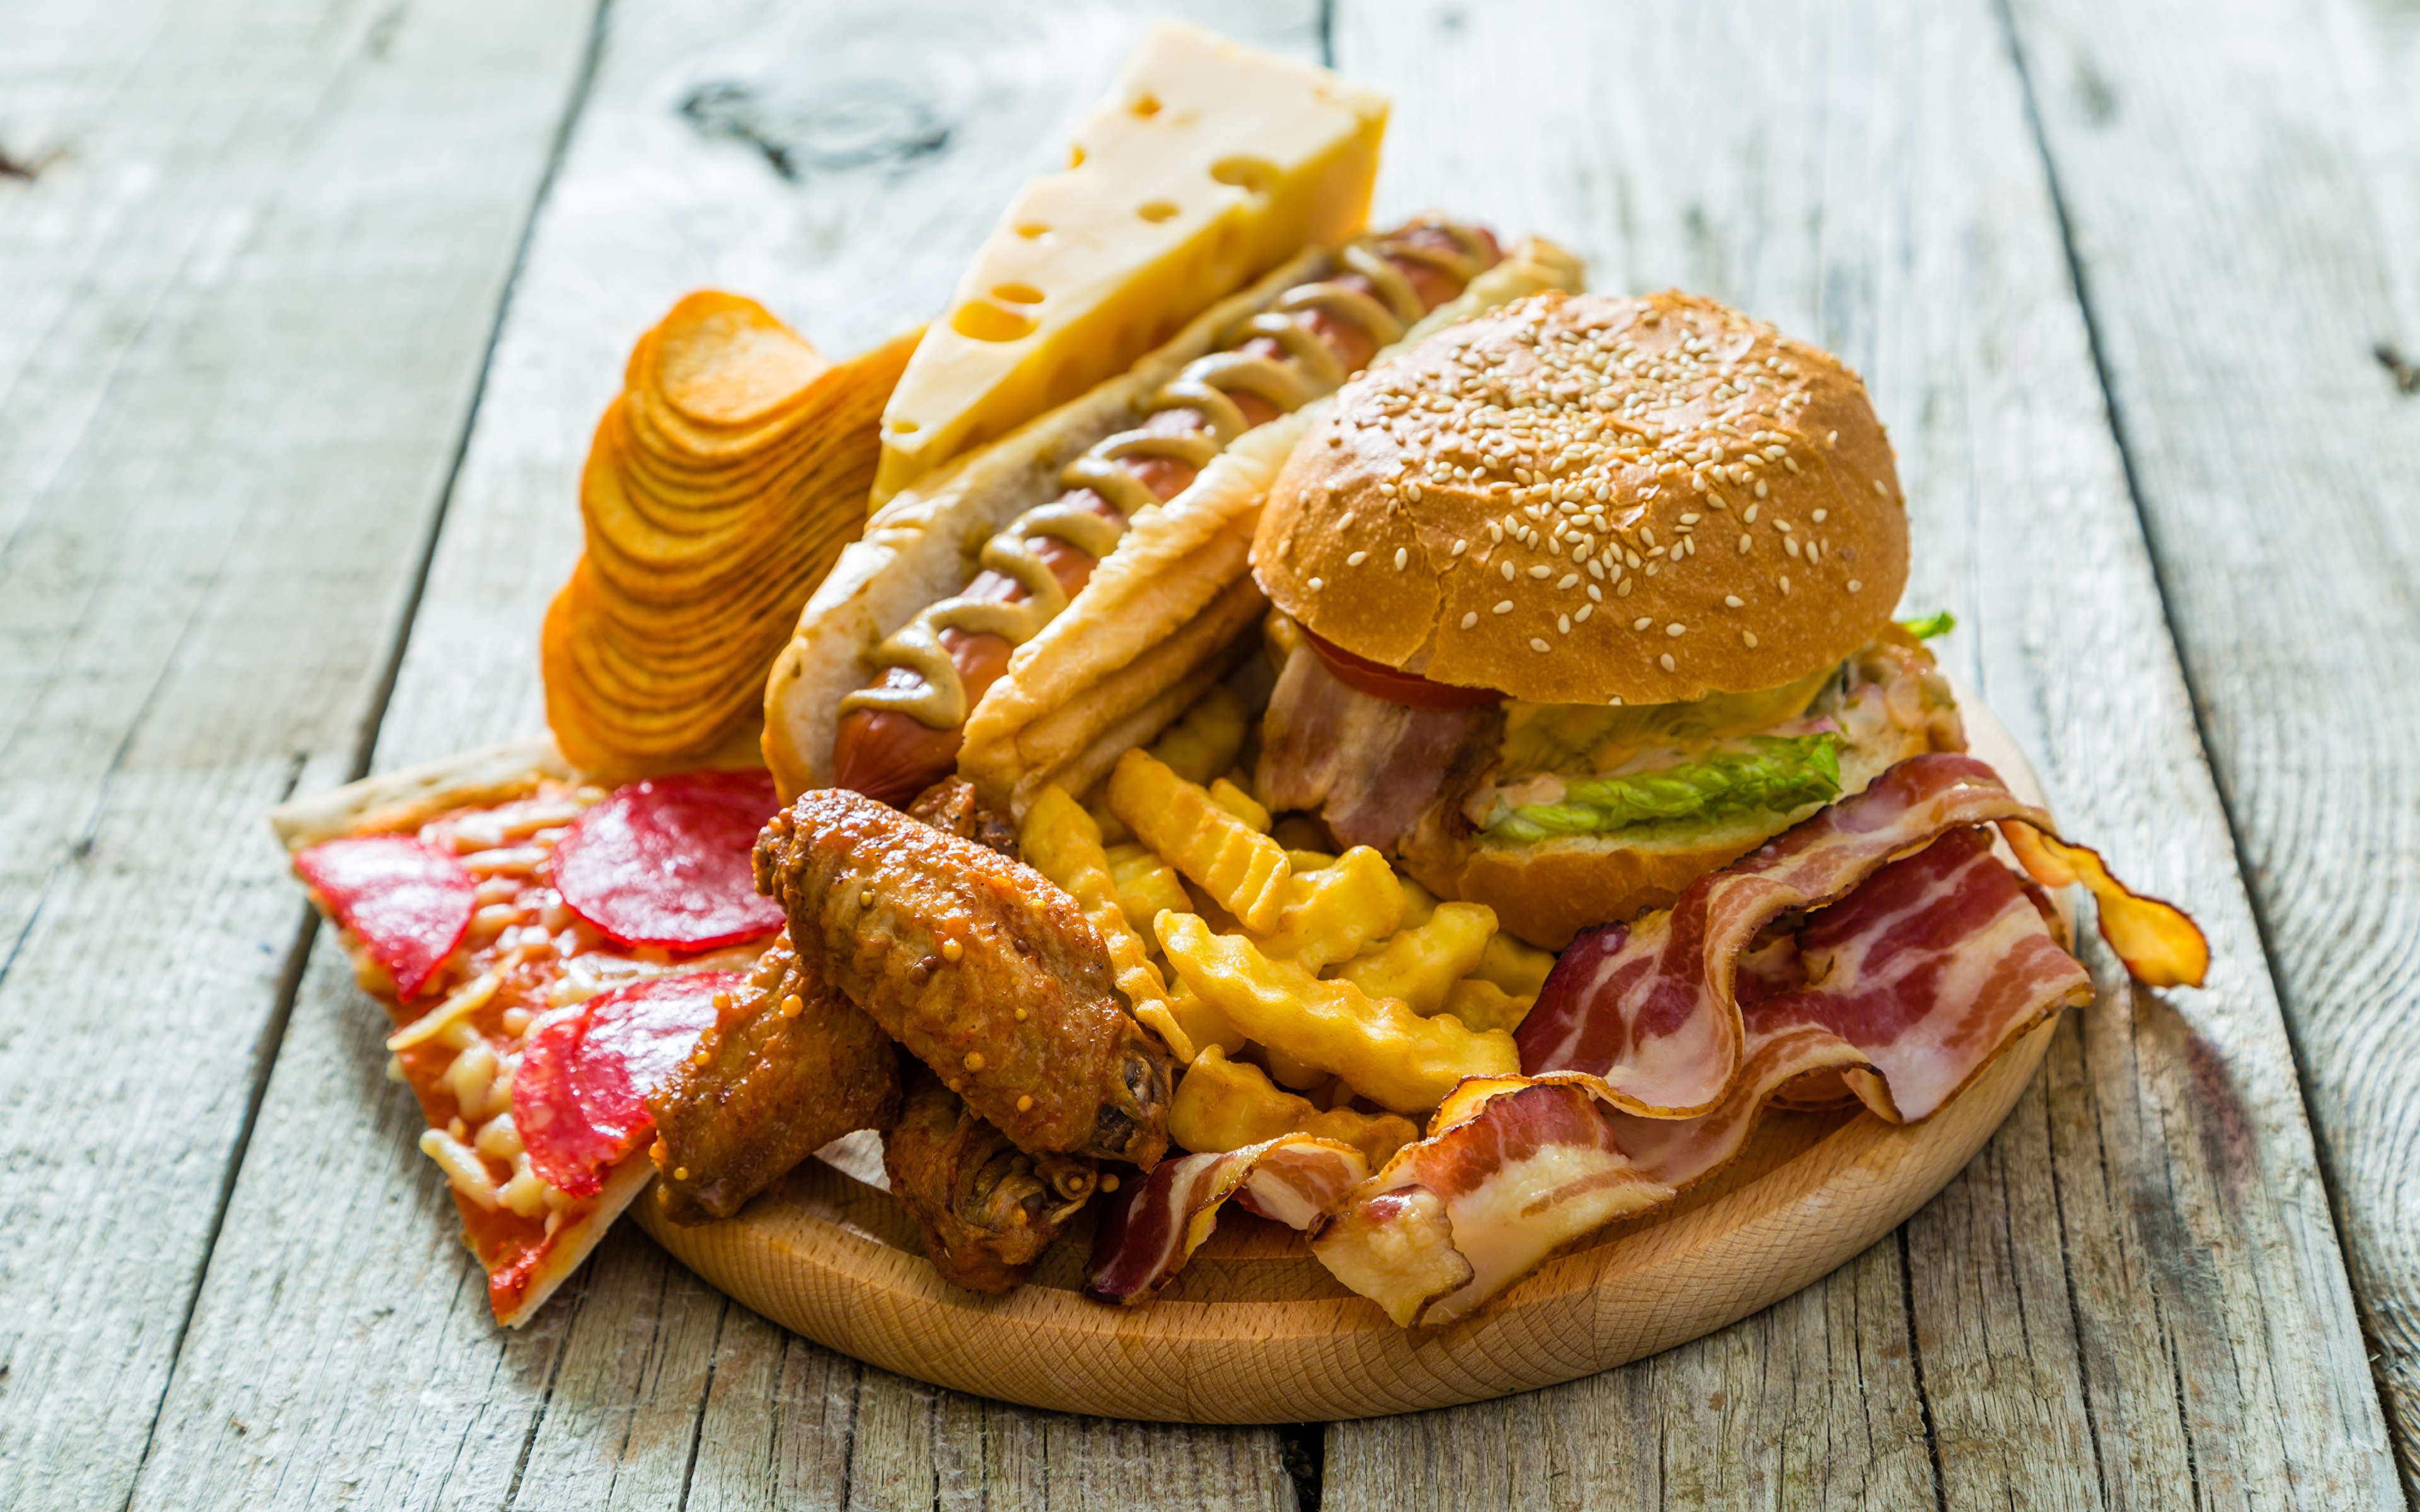 Какие продукты вредны для здоровья человека?